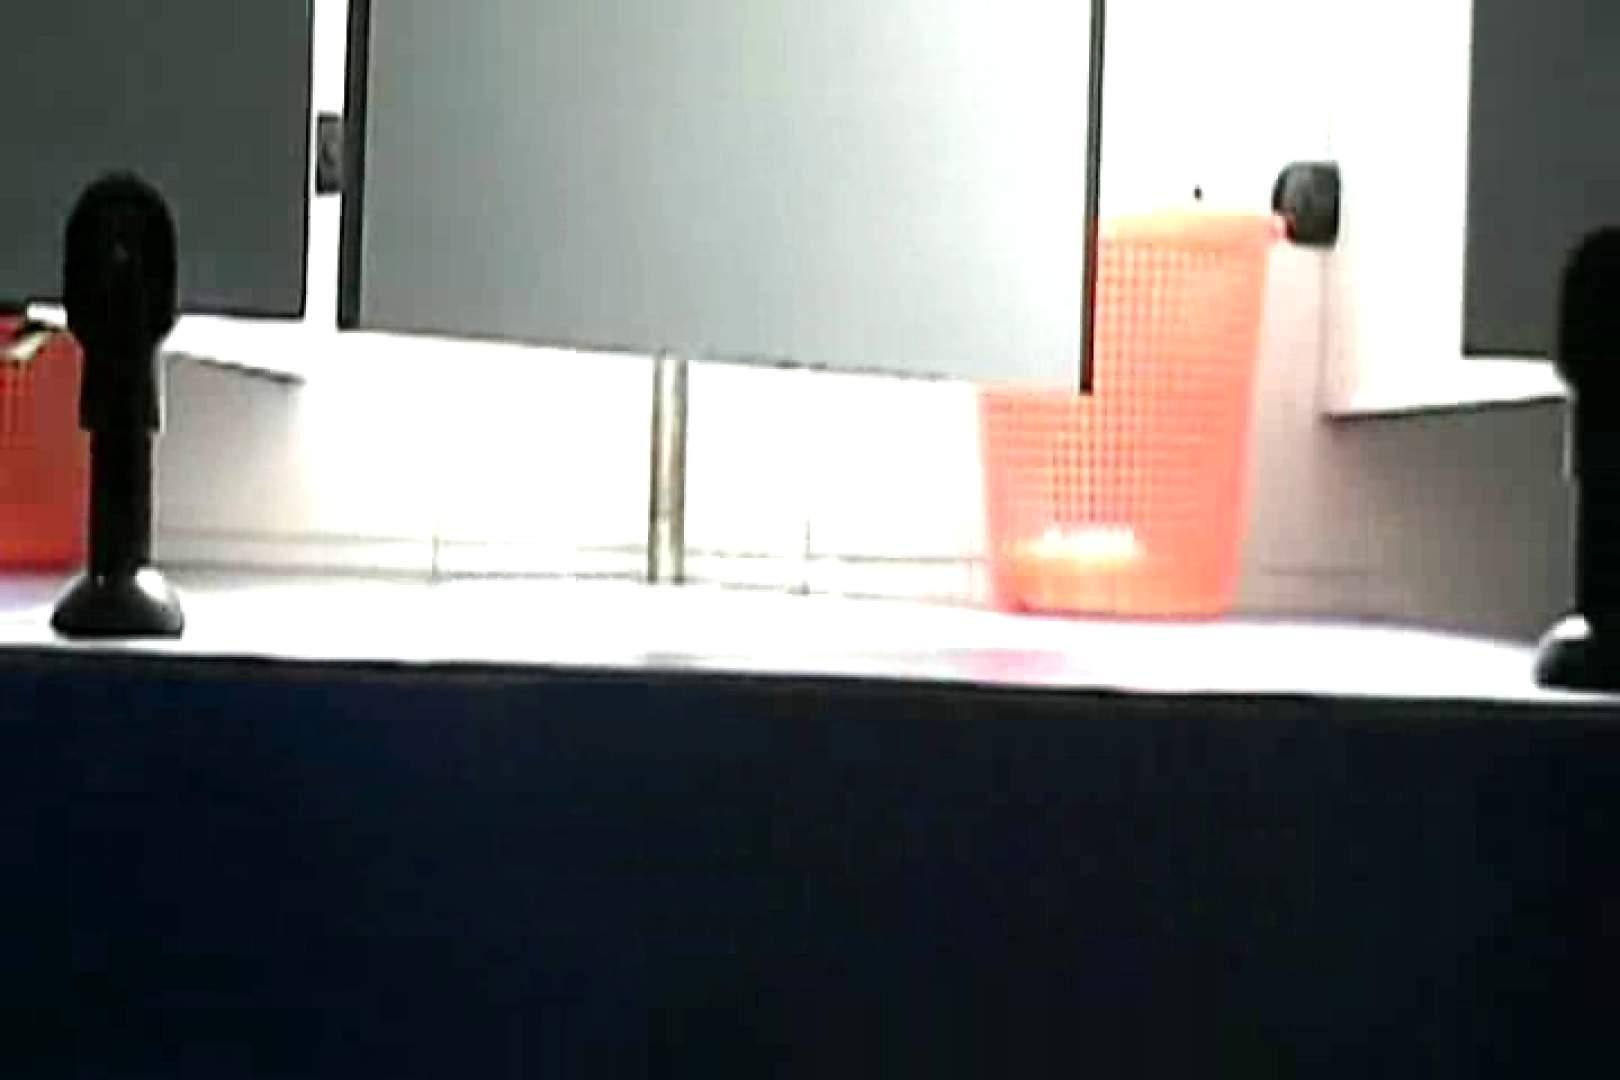 ぼっとん洗面所スペシャルVol.11 おまんこ AV動画キャプチャ 78PIX 31